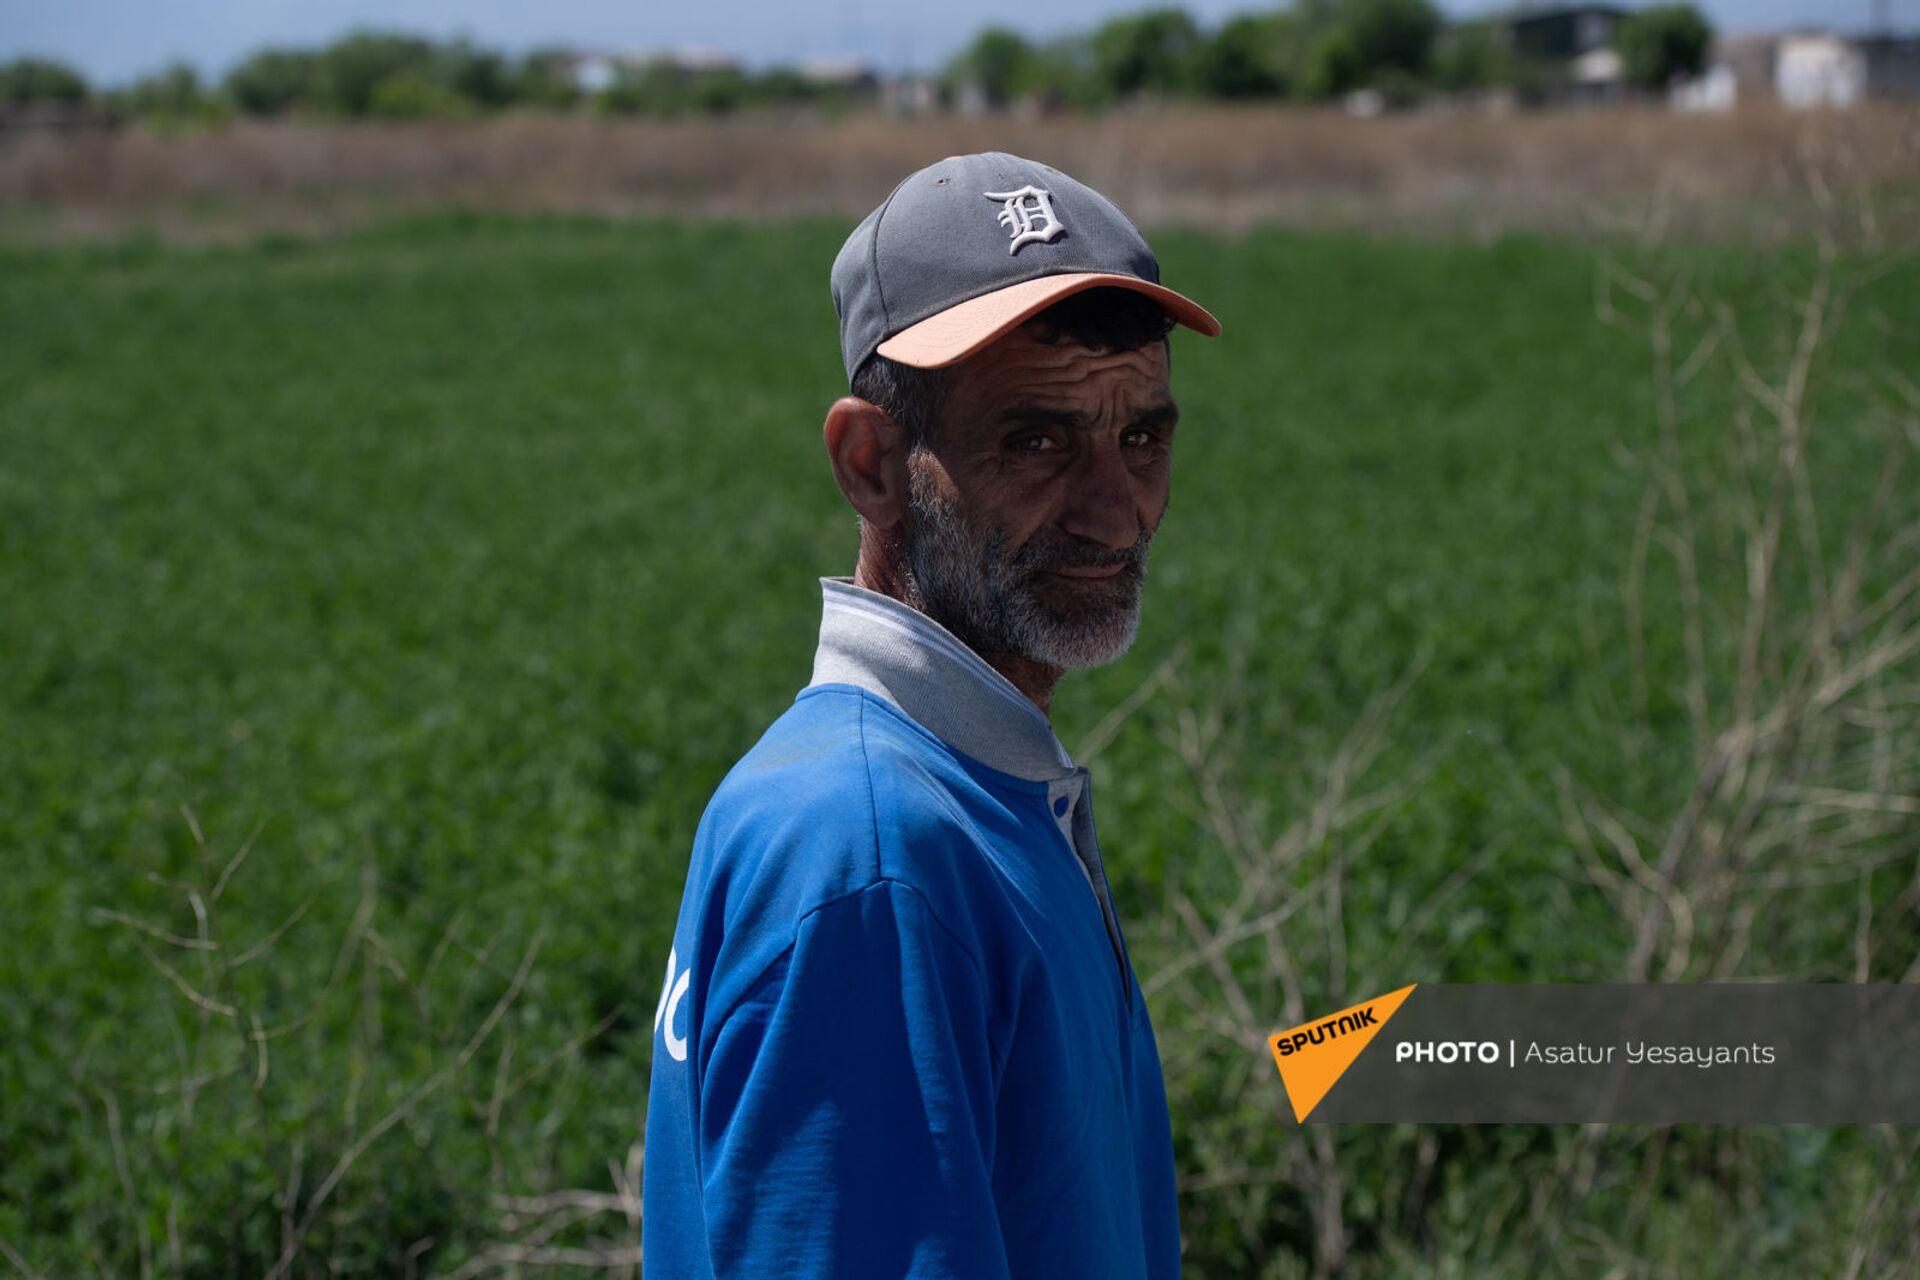 Если наш товар не продается, зачем завозят из Ирана? Армянские фермеры удручены - Sputnik Армения, 1920, 13.05.2021